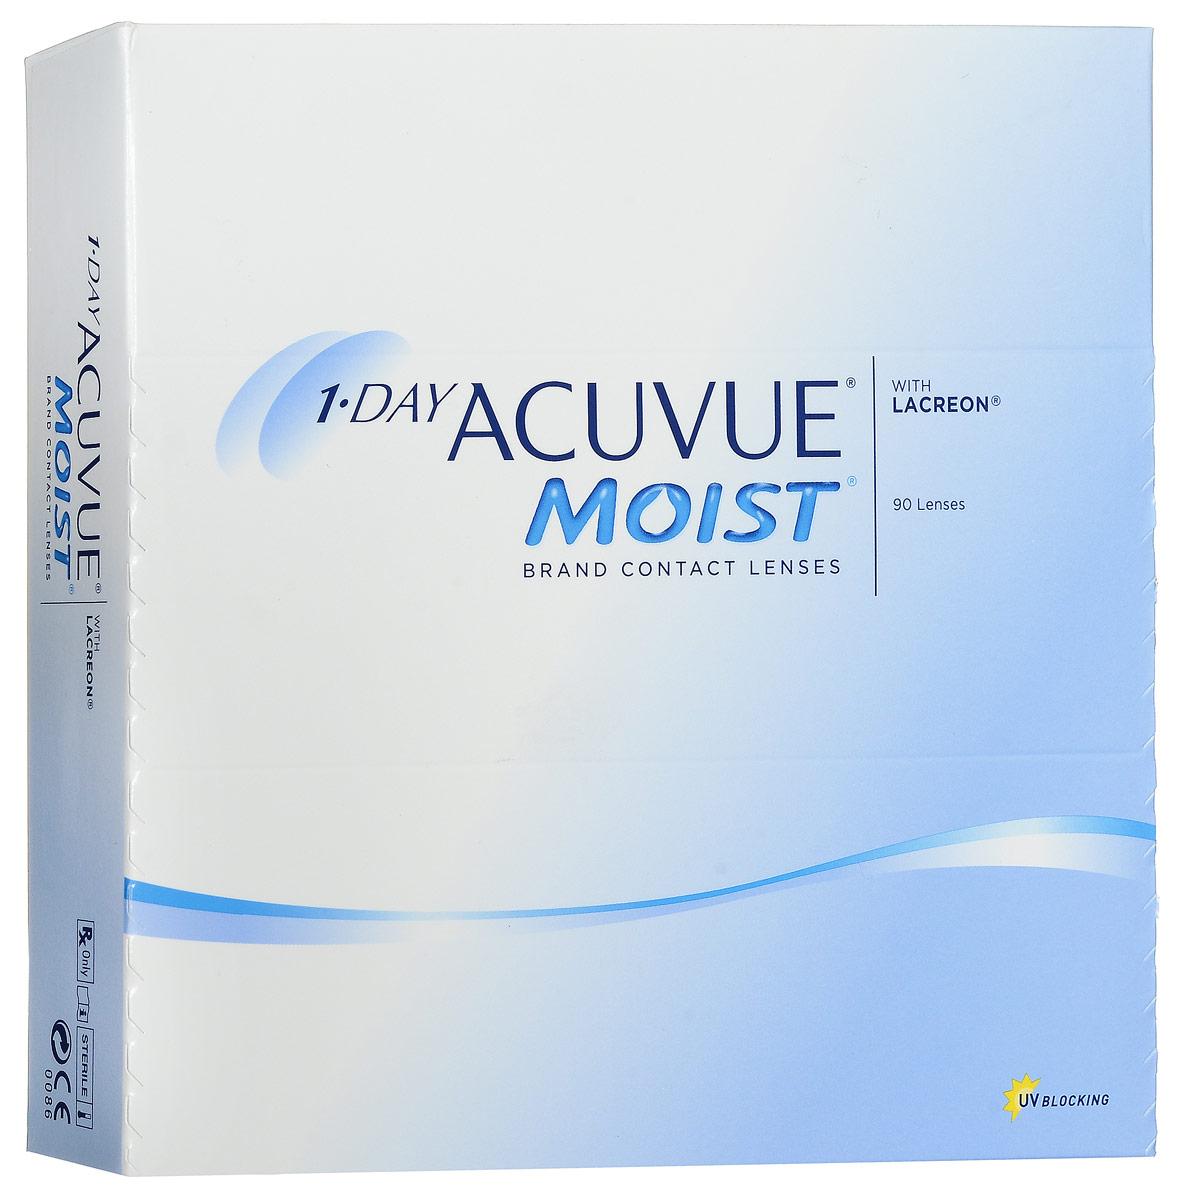 Johnson & Johnson контактные линзы 1-Day Acuvue Moist (90шт / 8.5 / -4.75)12091Контактные линзы 1-Day Acuvue Moist для ежедневной замены от известной компании Johnson & Johnson Vision Care созданы для того, чтобы ваши глаза чувствовали себя увлажненными, а ощущение комфорта и свежести не покидало весь день. Уже исходя из названия (Moist) становится понятно, что при изготовлении линз используется дополнительный увлажнитель, благодаря которому влага удерживается внутри линзы даже в конце дня. Если ваши глаза подвергаются высоким нагрузкам в течение дня, то именно 1-Day Acuvue Moist подойдут вам лучше всего. Они обладают всеми преимуществами однодневных линз: не требуют дополнительных расходов по уходу, комфортны в ношении и так же, как и 1-Day Acuvue, снабжены солнечным фильтром. Характеристики:Материал: этафилкон А. Кривизна: 8.5. Оптическая сила: - 4.75. Содержание воды: 58%. Диаметр: 14,2 мм. Количество линз: 90 шт. Размер упаковки: 15,5 см х 15,5 см х 3,2 см. Производитель: Ирландия. Товар сертифицирован.Контактные линзы или очки: советы офтальмологов. Статья OZON Гид